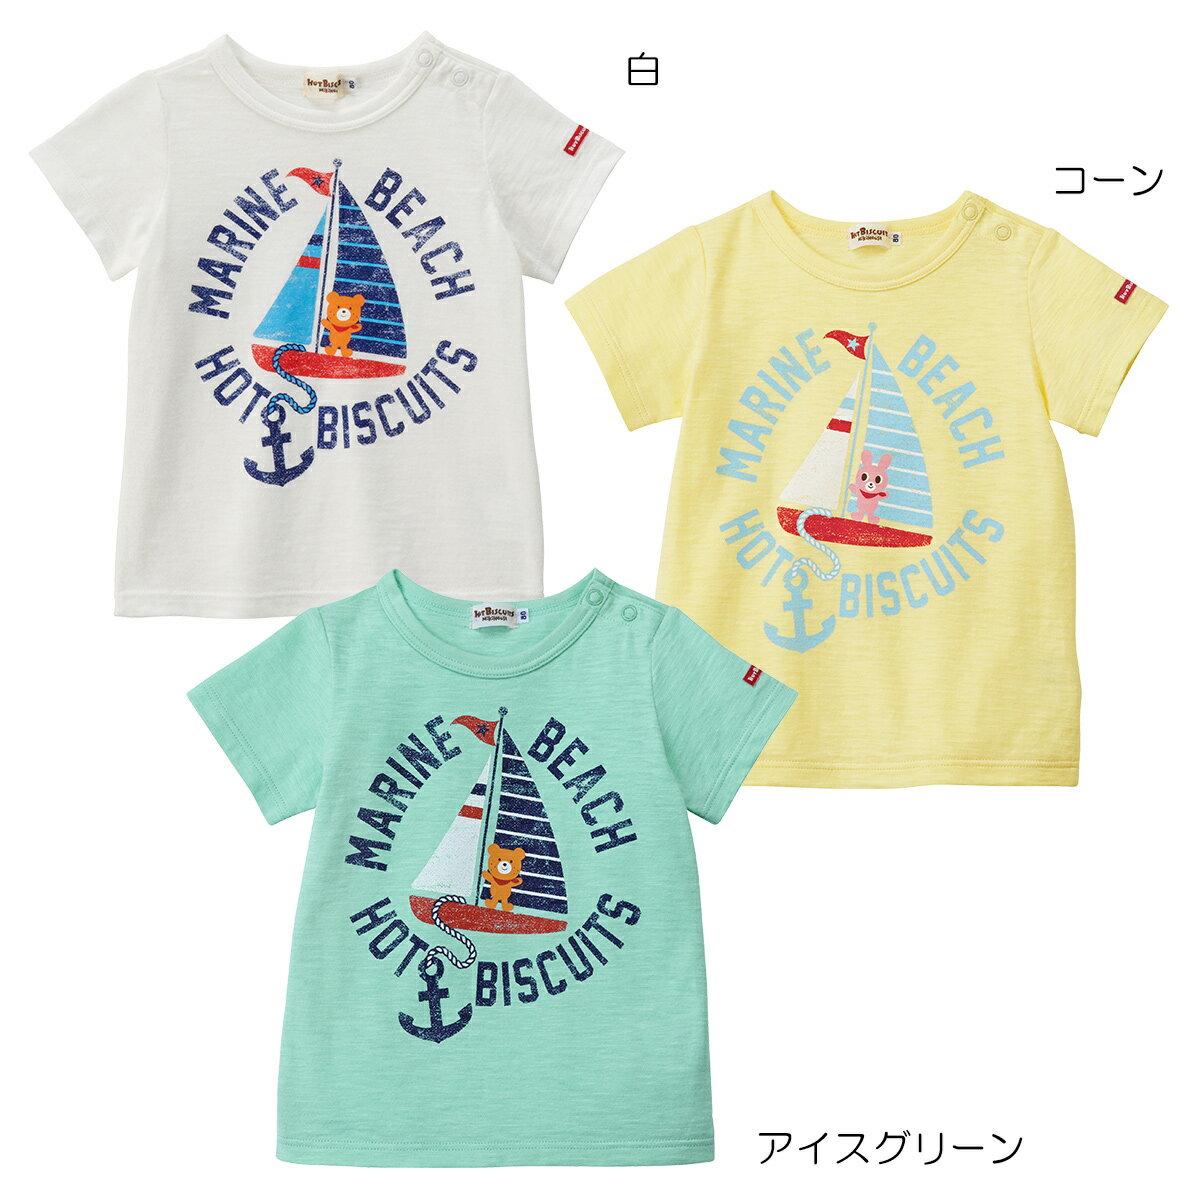 ミキハウス ホットビスケッツ mikihouse ヨット&イカリかすれプリント半袖Tシャツ(70cm-110cm)